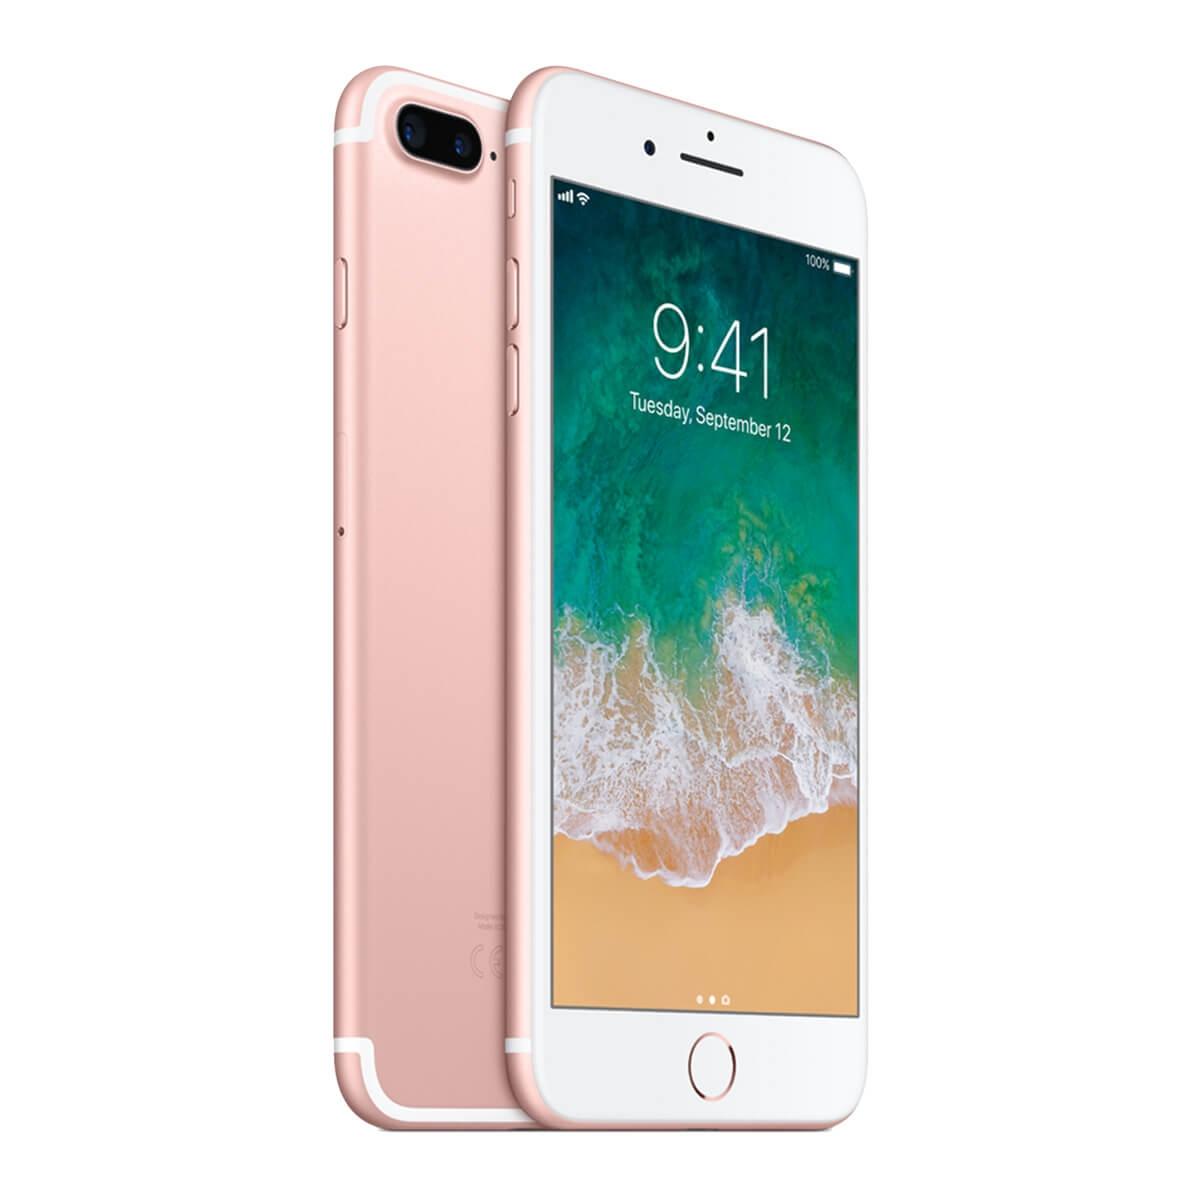 【傑昇通信】APPLE iPhone 7 Plus (128G)。空機破盤價